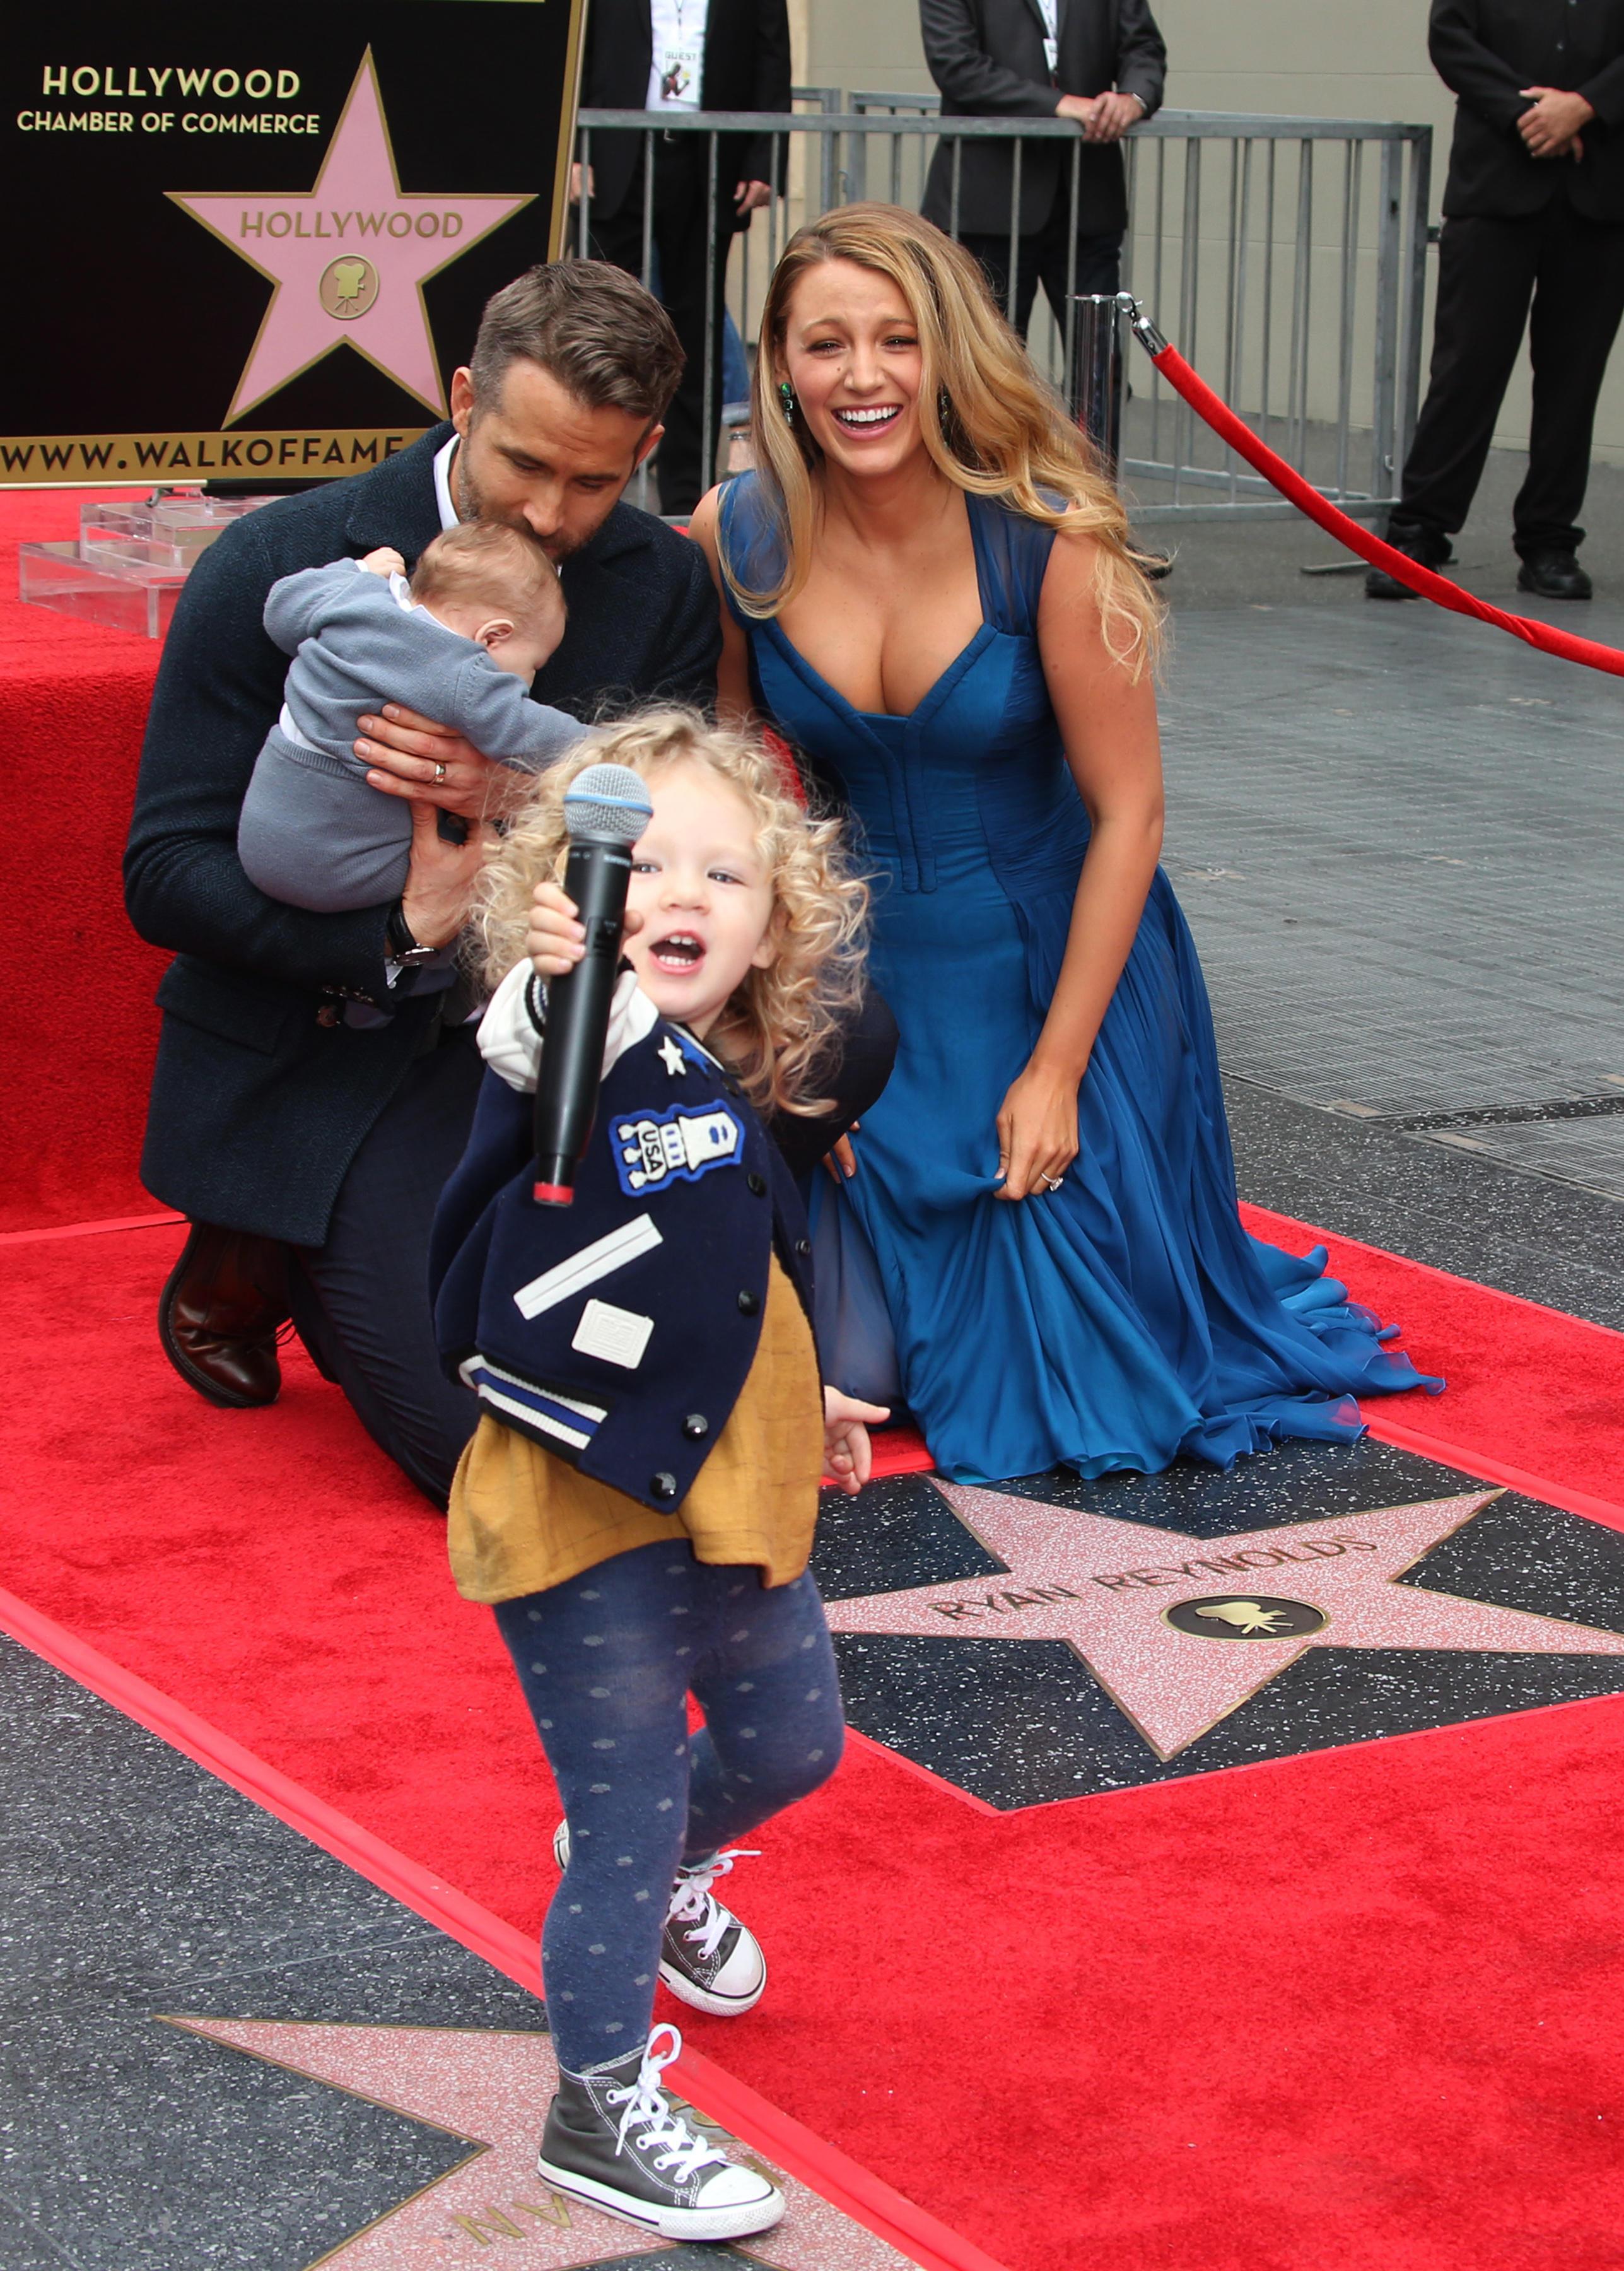 Det skønne Hollywood-par: Ryan Reynolds og Blake Lively med deres to børn ved Walk of Fame i Hollywood (Foto: All Over)